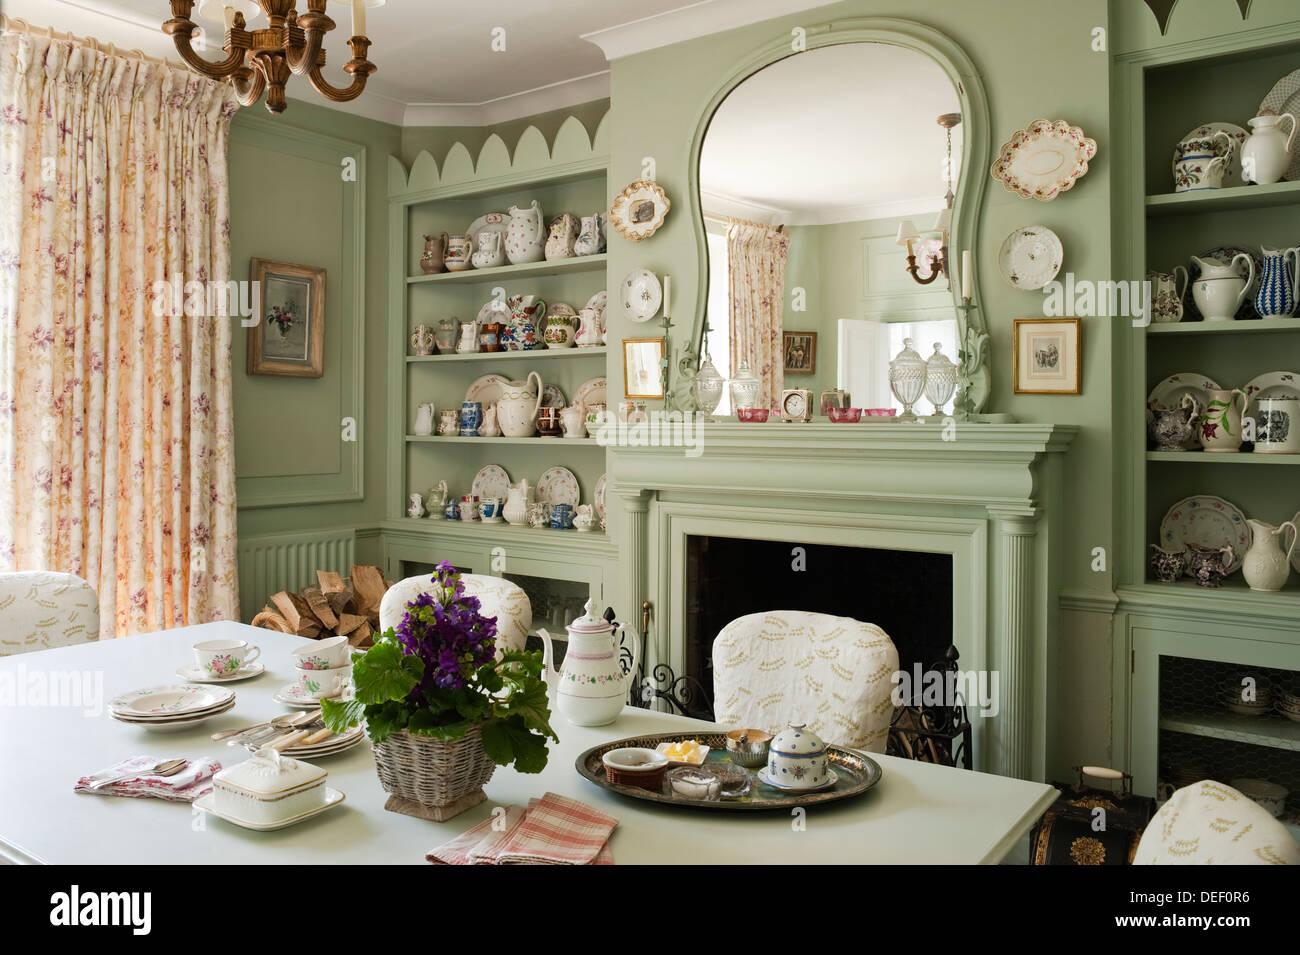 Country house la sala da pranzo con pottert raccolta su scaffalature ...